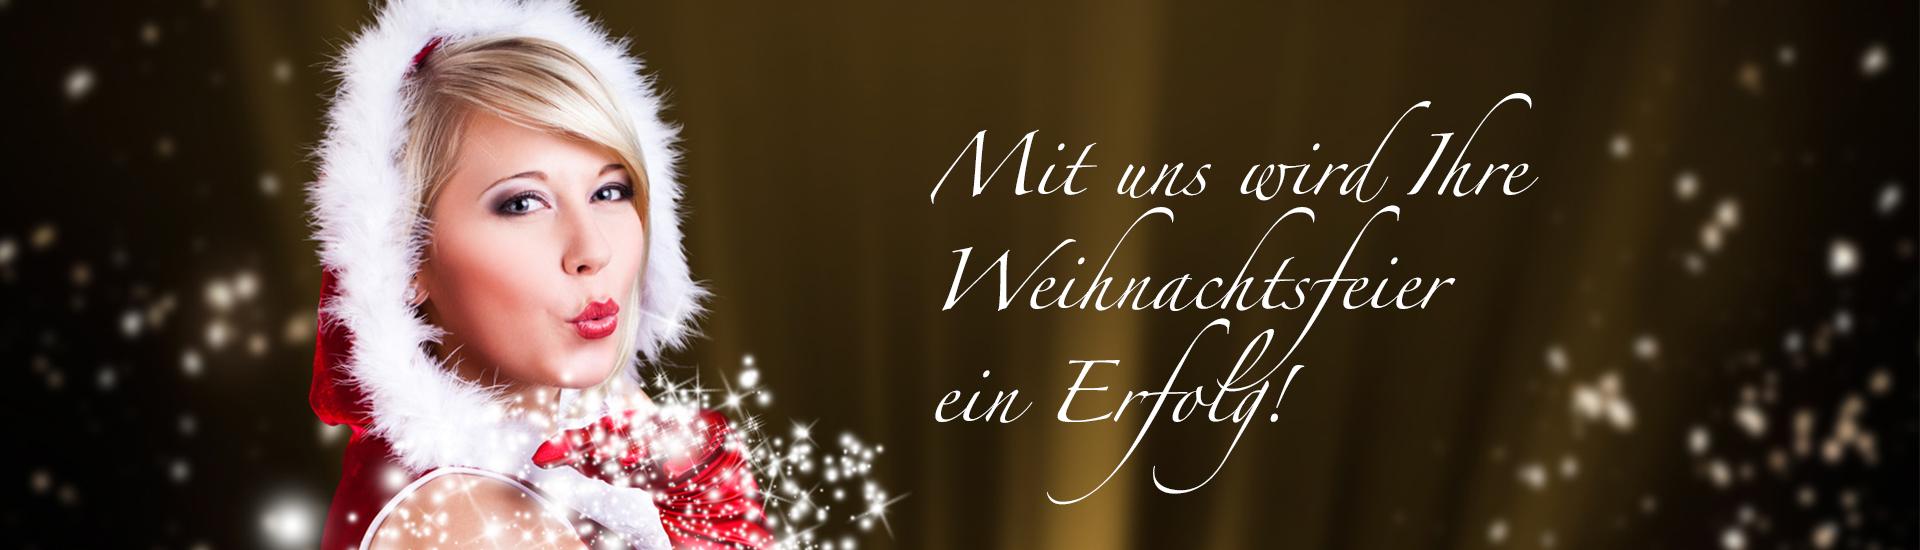 dj-service-agentur-hamburg-firmen-oder-private-weihnachtsfeier